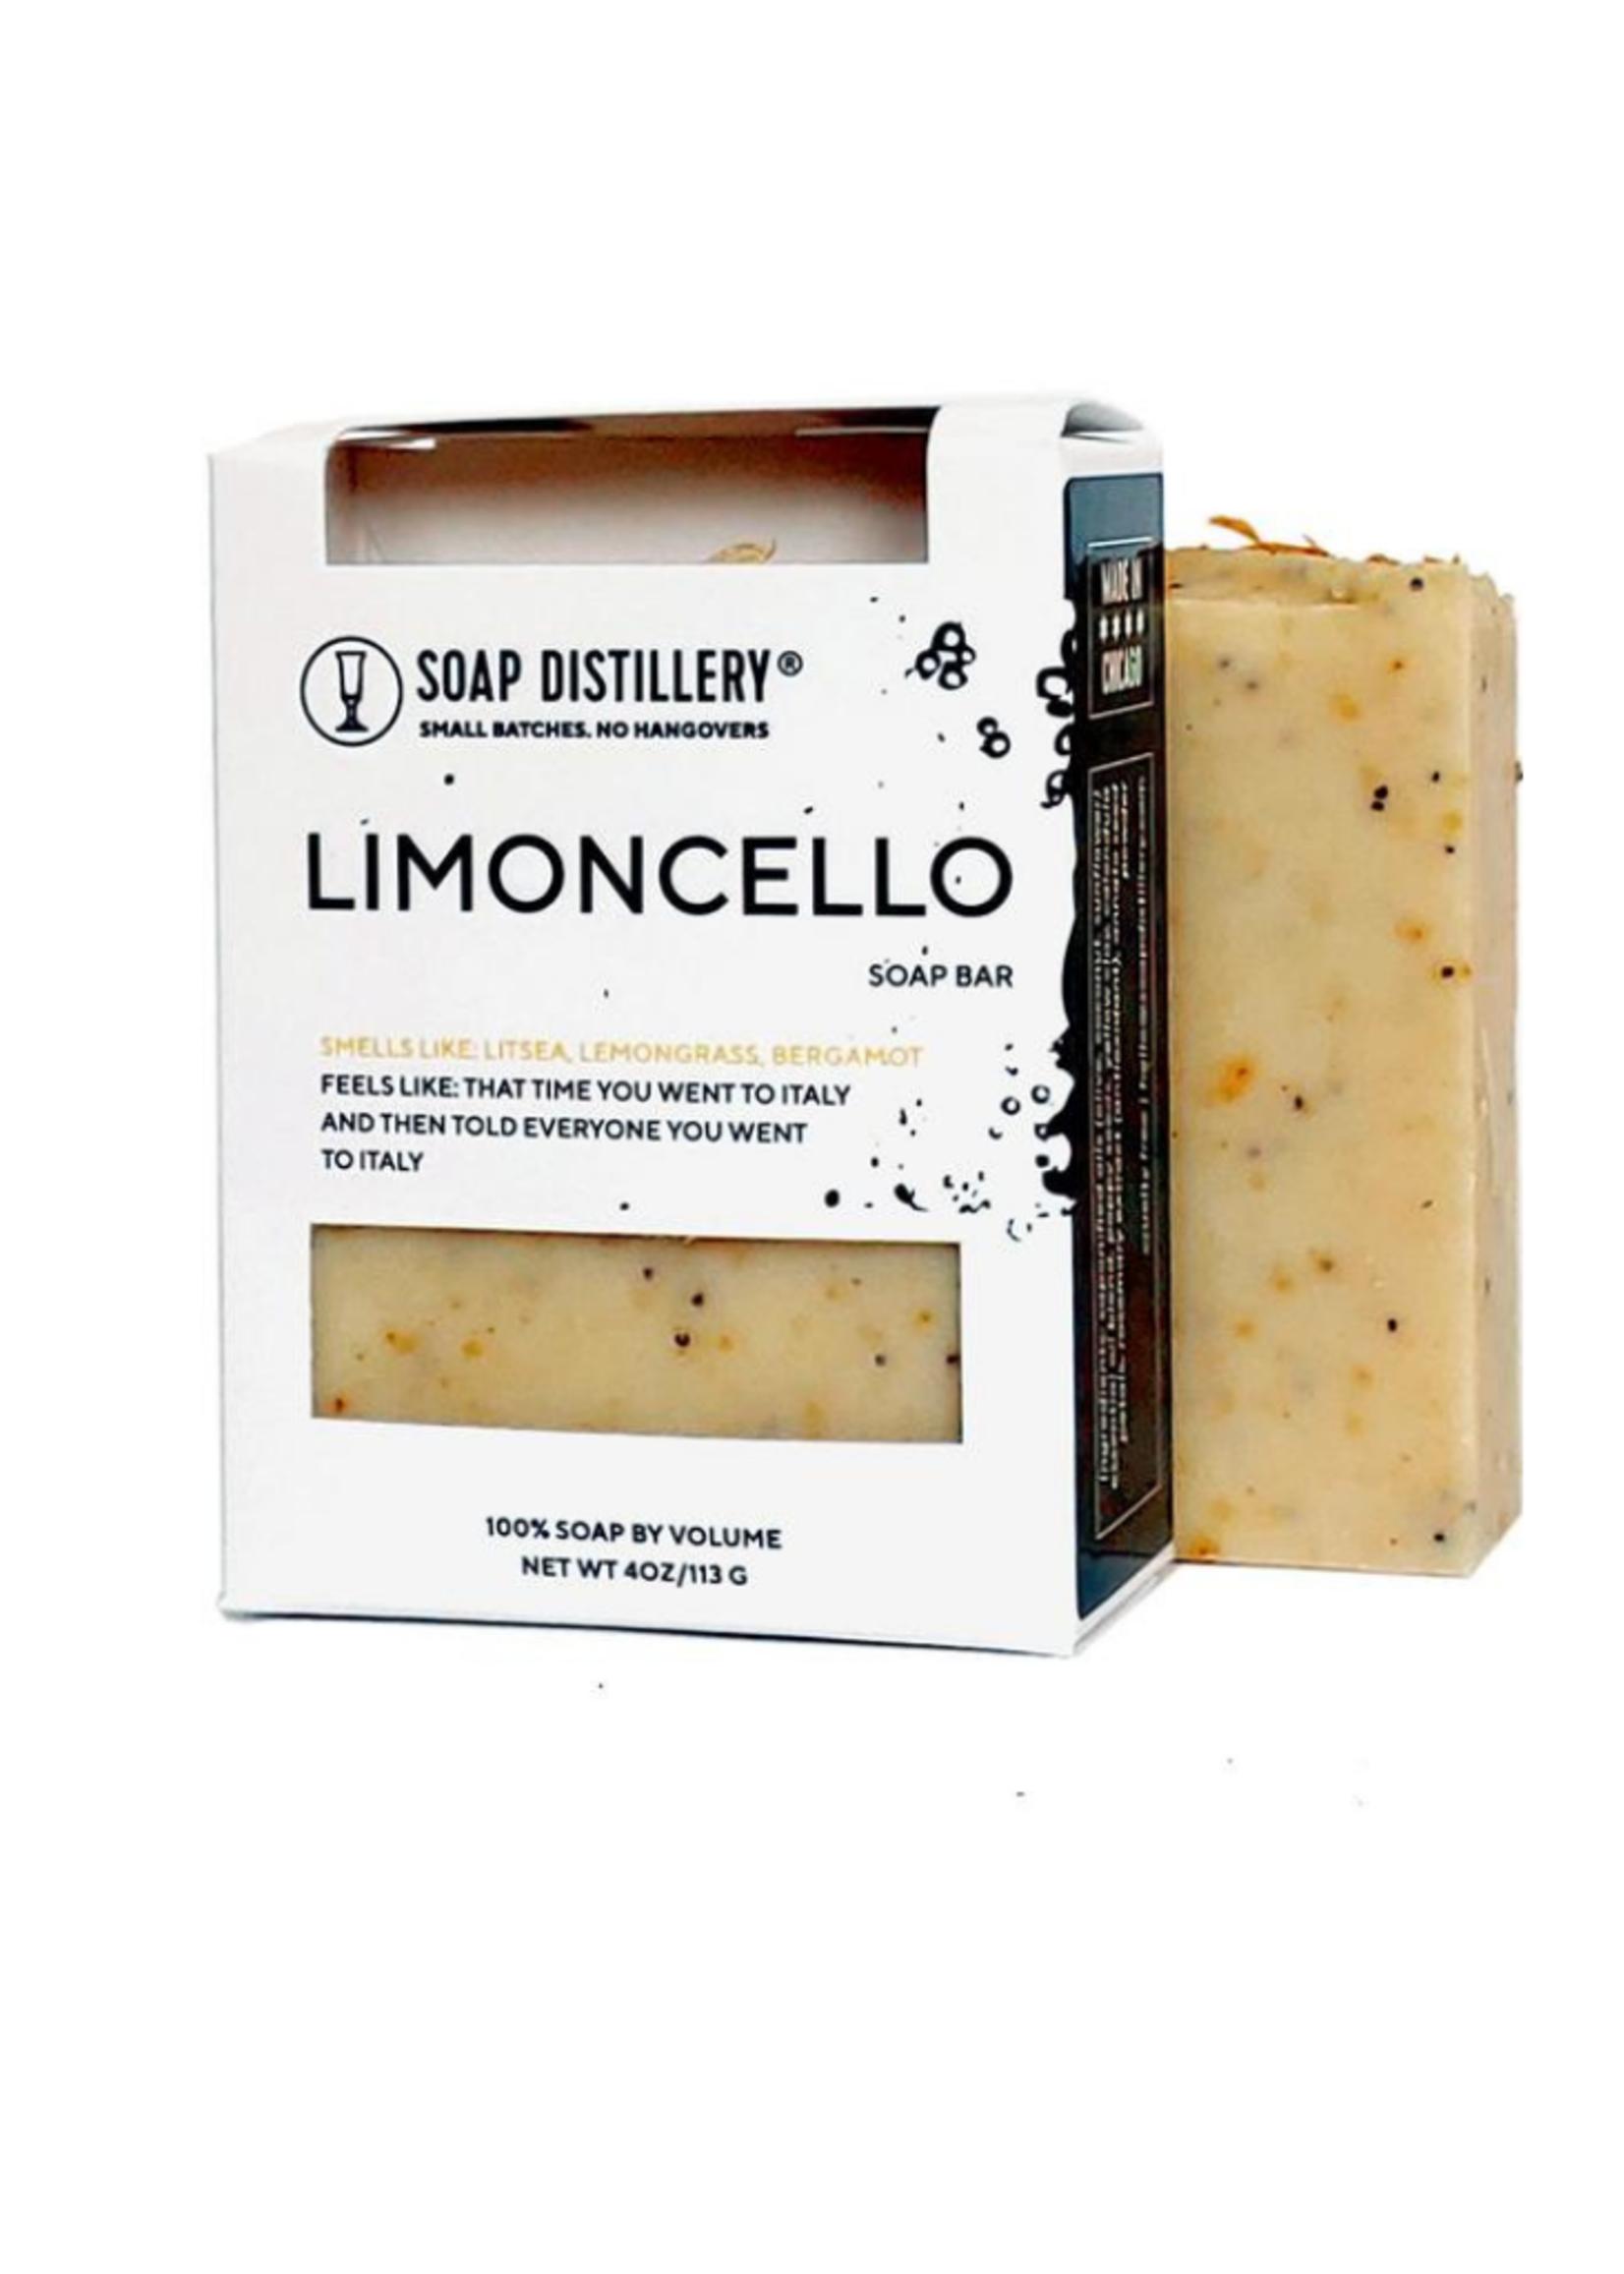 Limeoncello Soap Bar